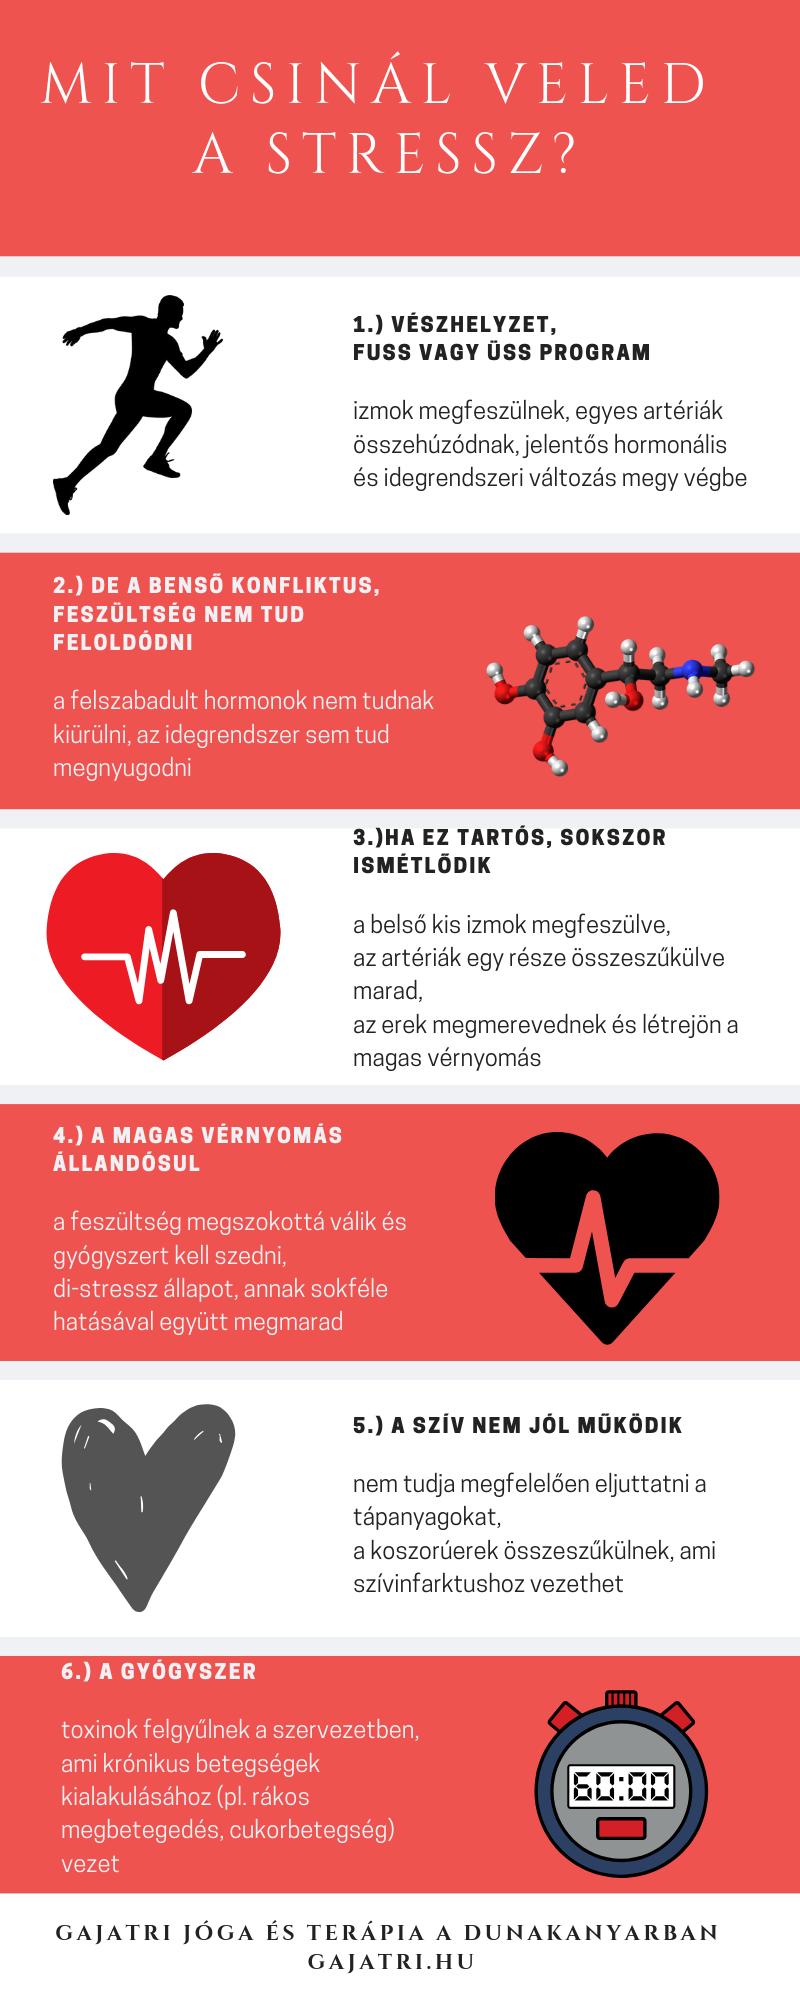 növeli a vérnyomást magas vérnyomás esetén